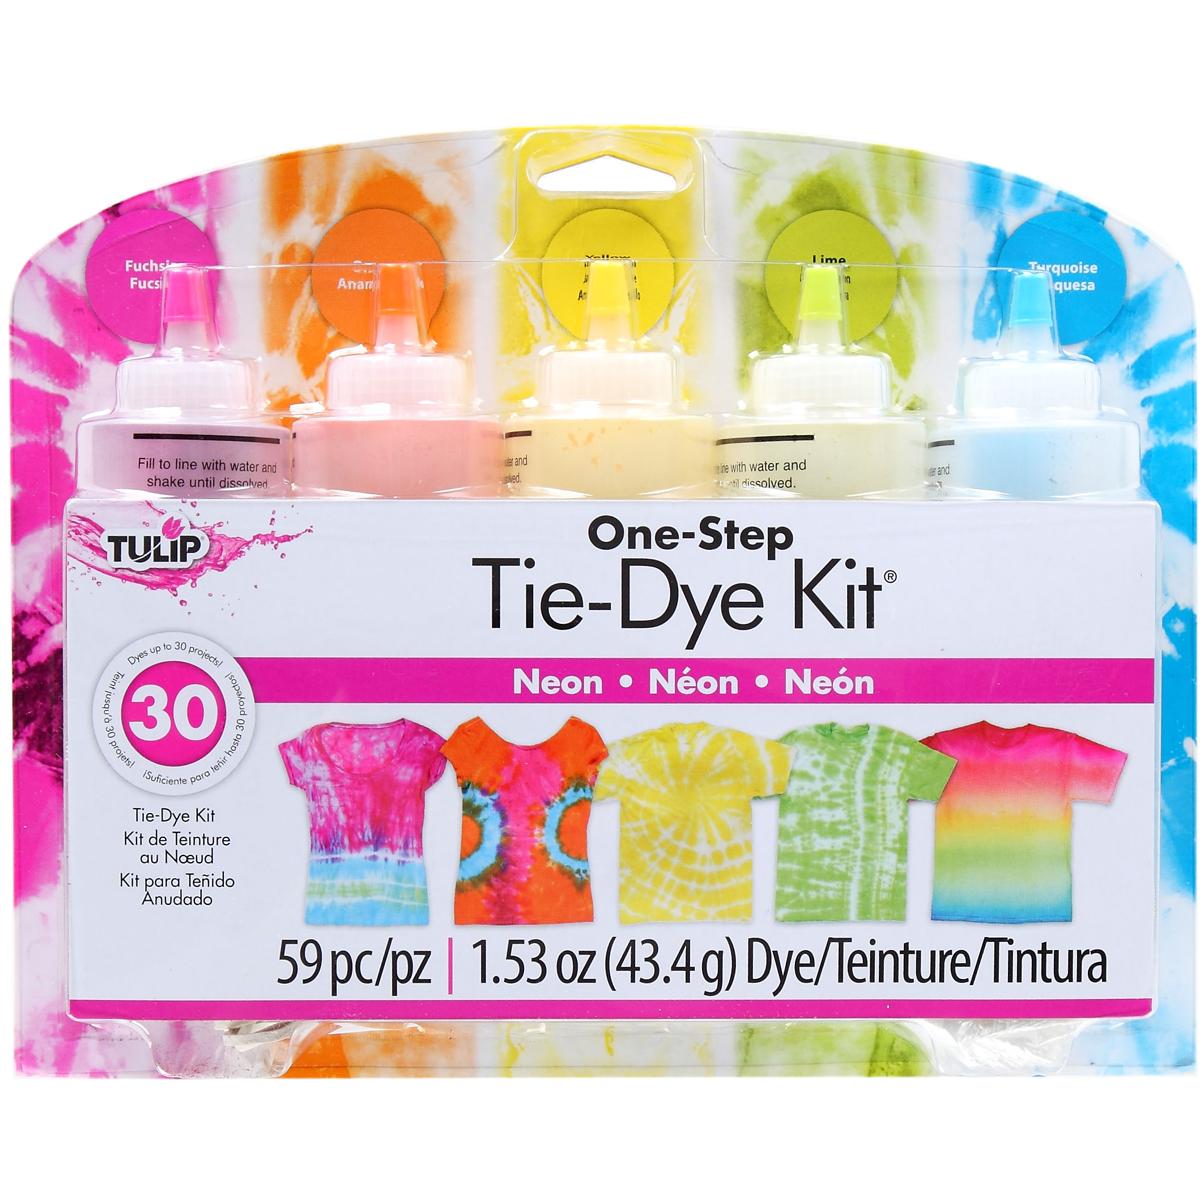 Tulip One-Step Tie-Dye Kit, Neon